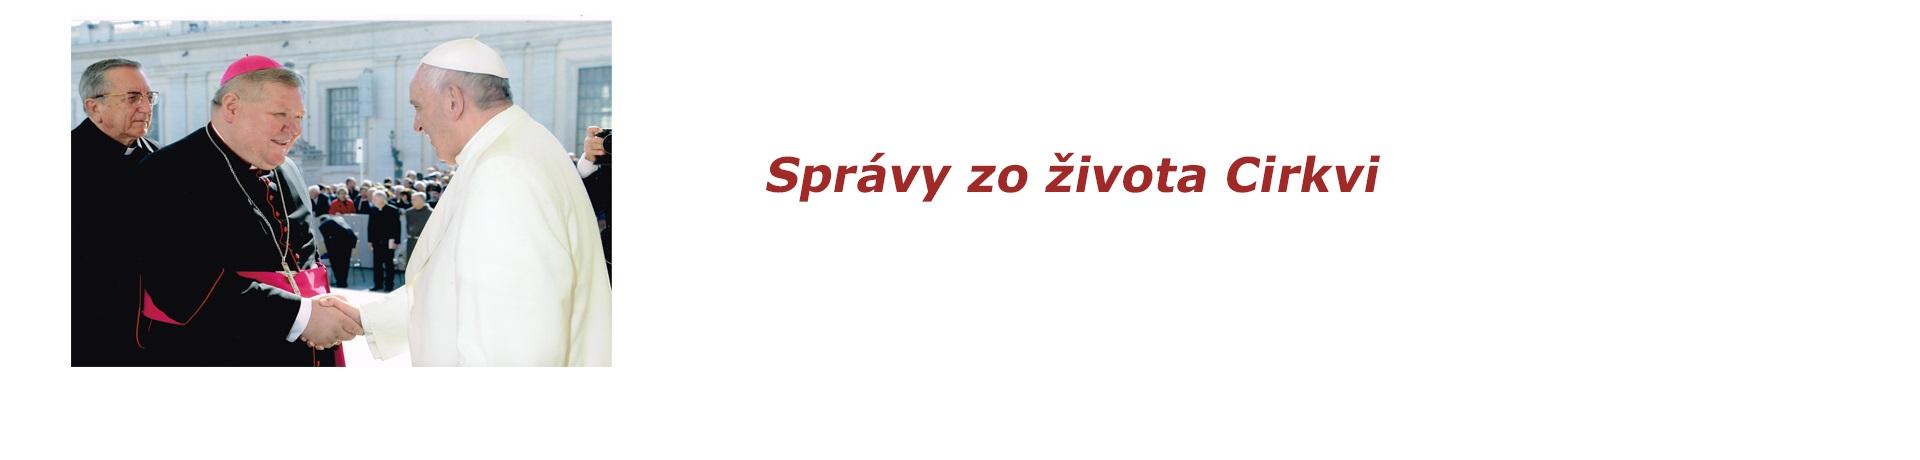 spravy_baner-2